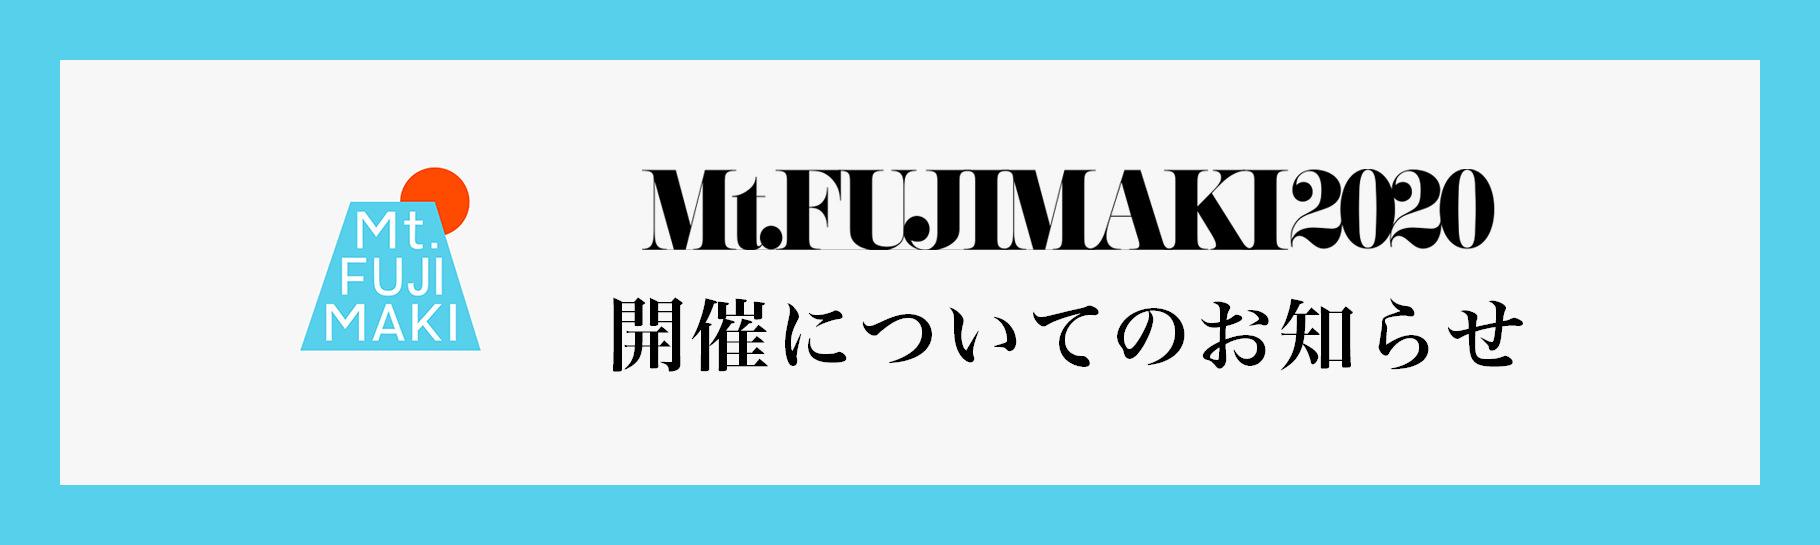 banner--about_mtfujimaki_2020